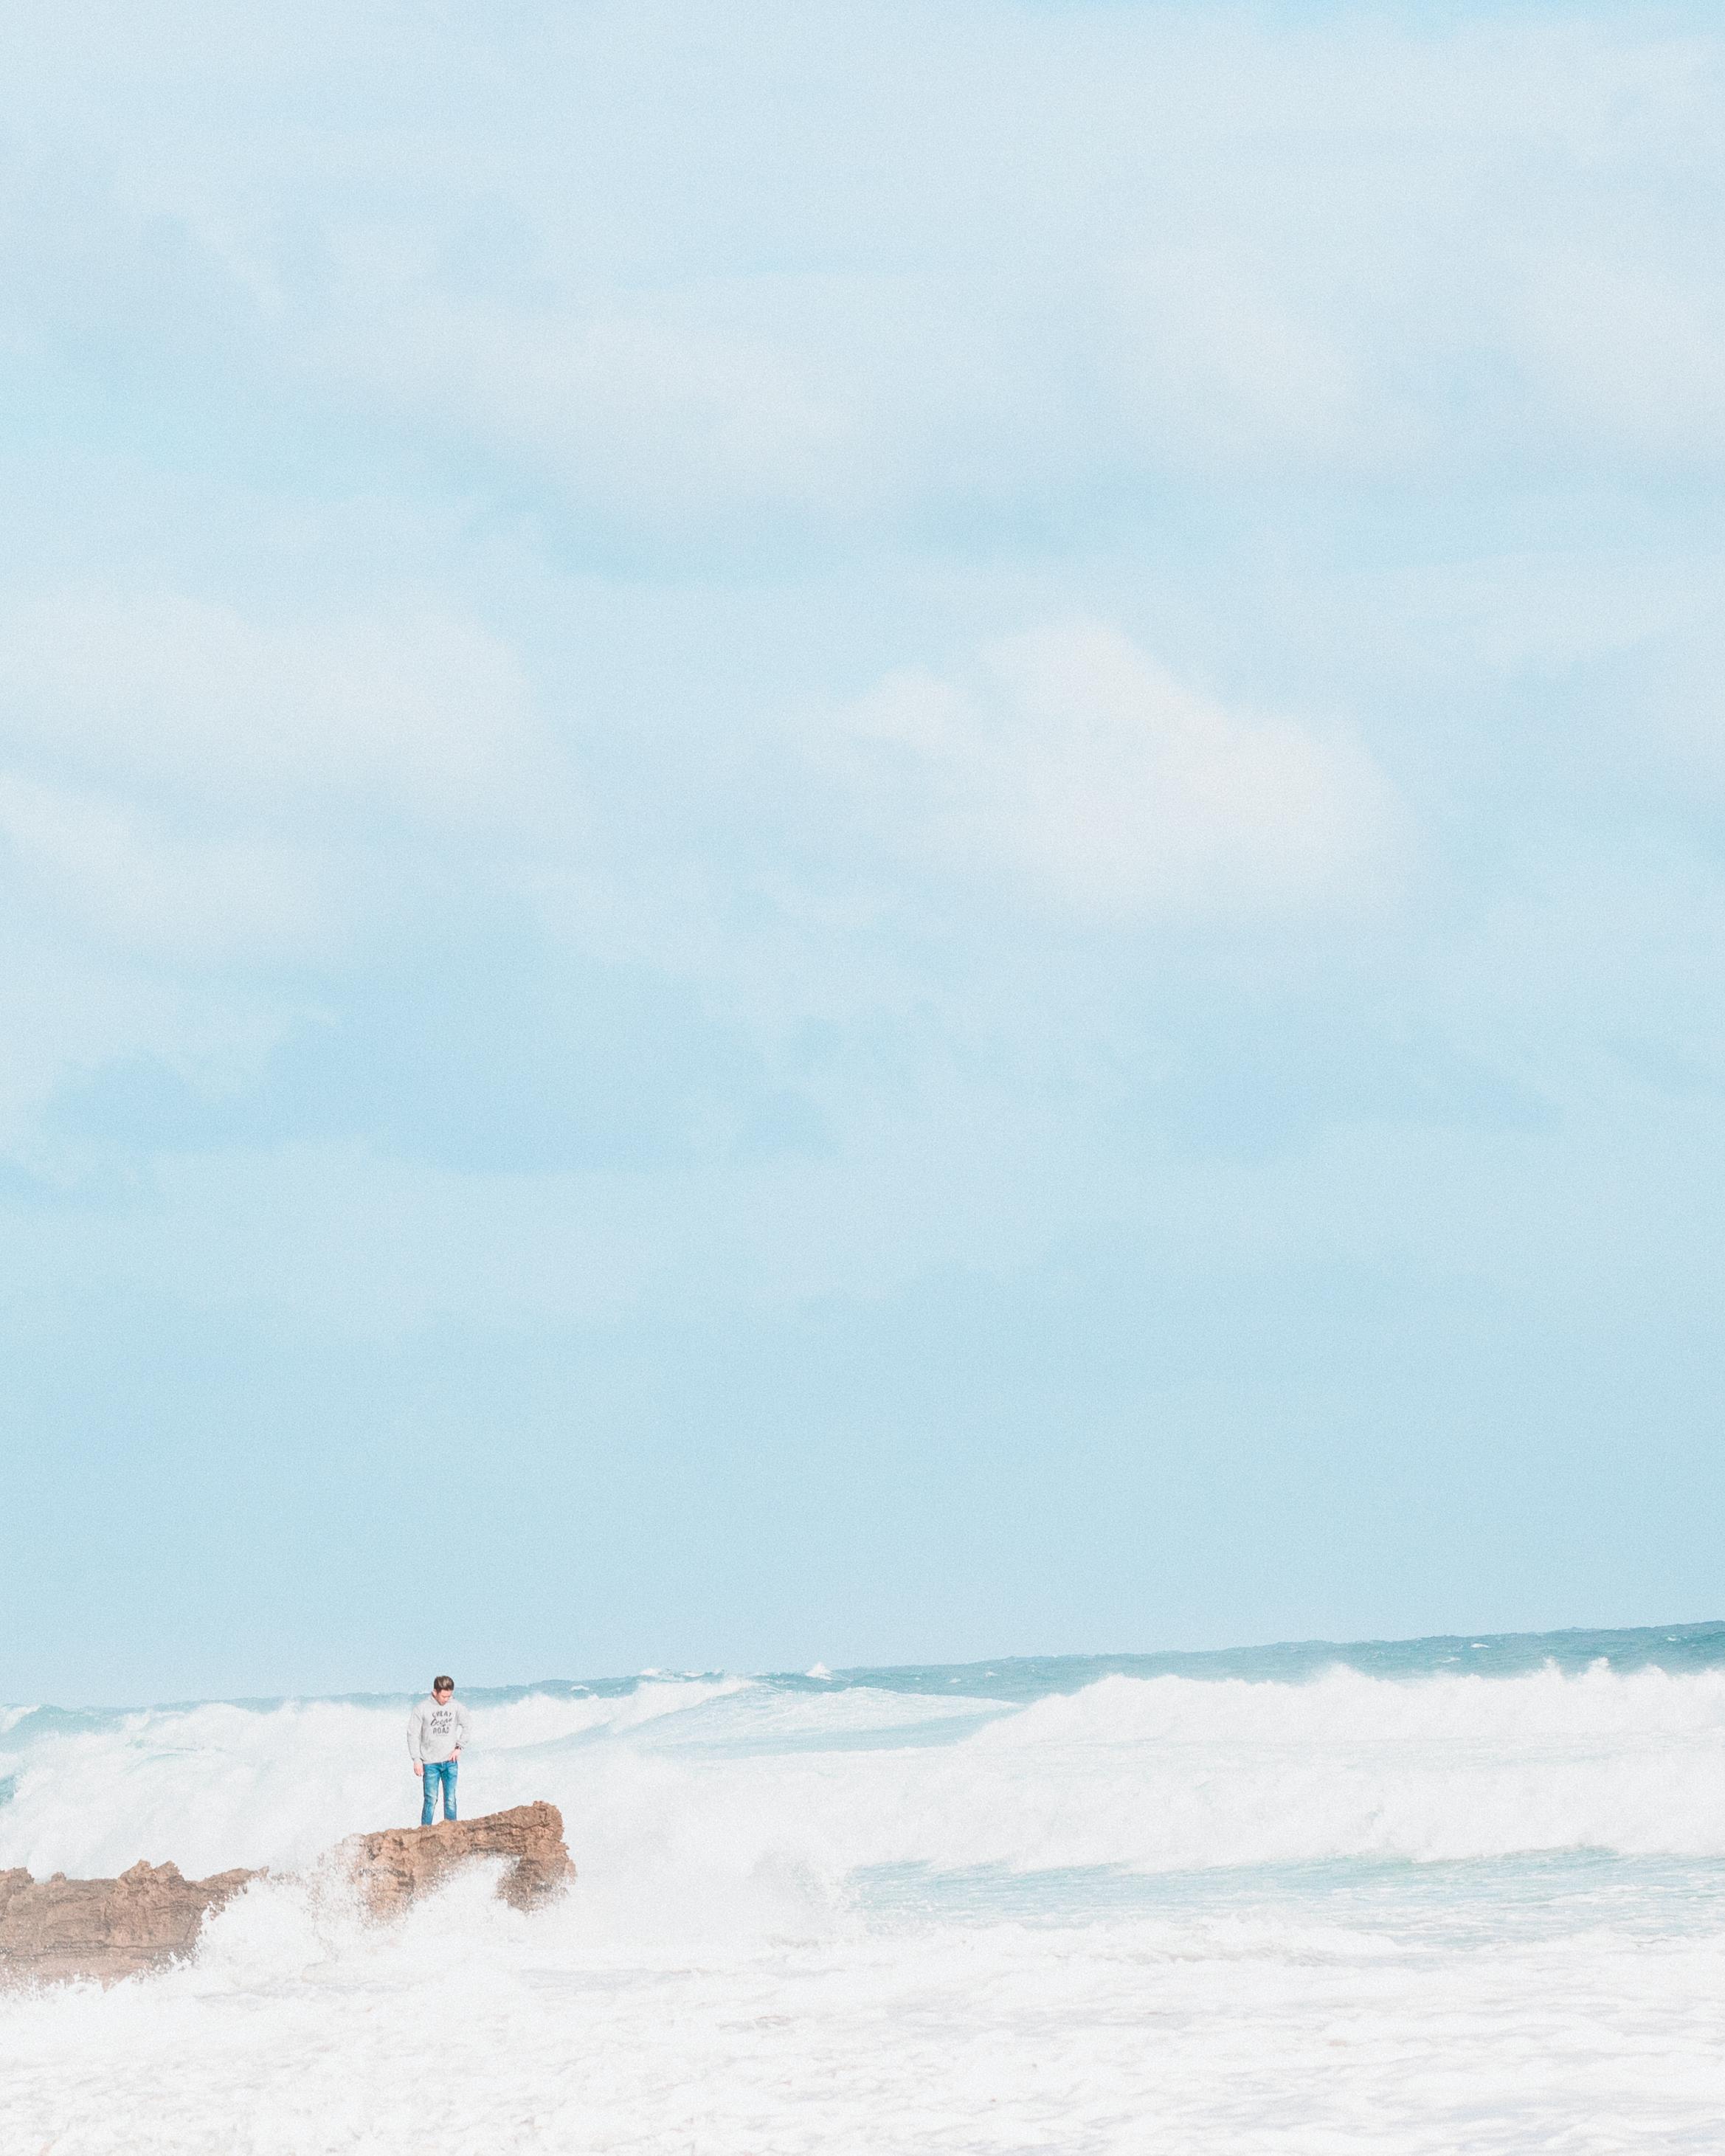 HD_The Great Ocean Road -6335-2.jpg